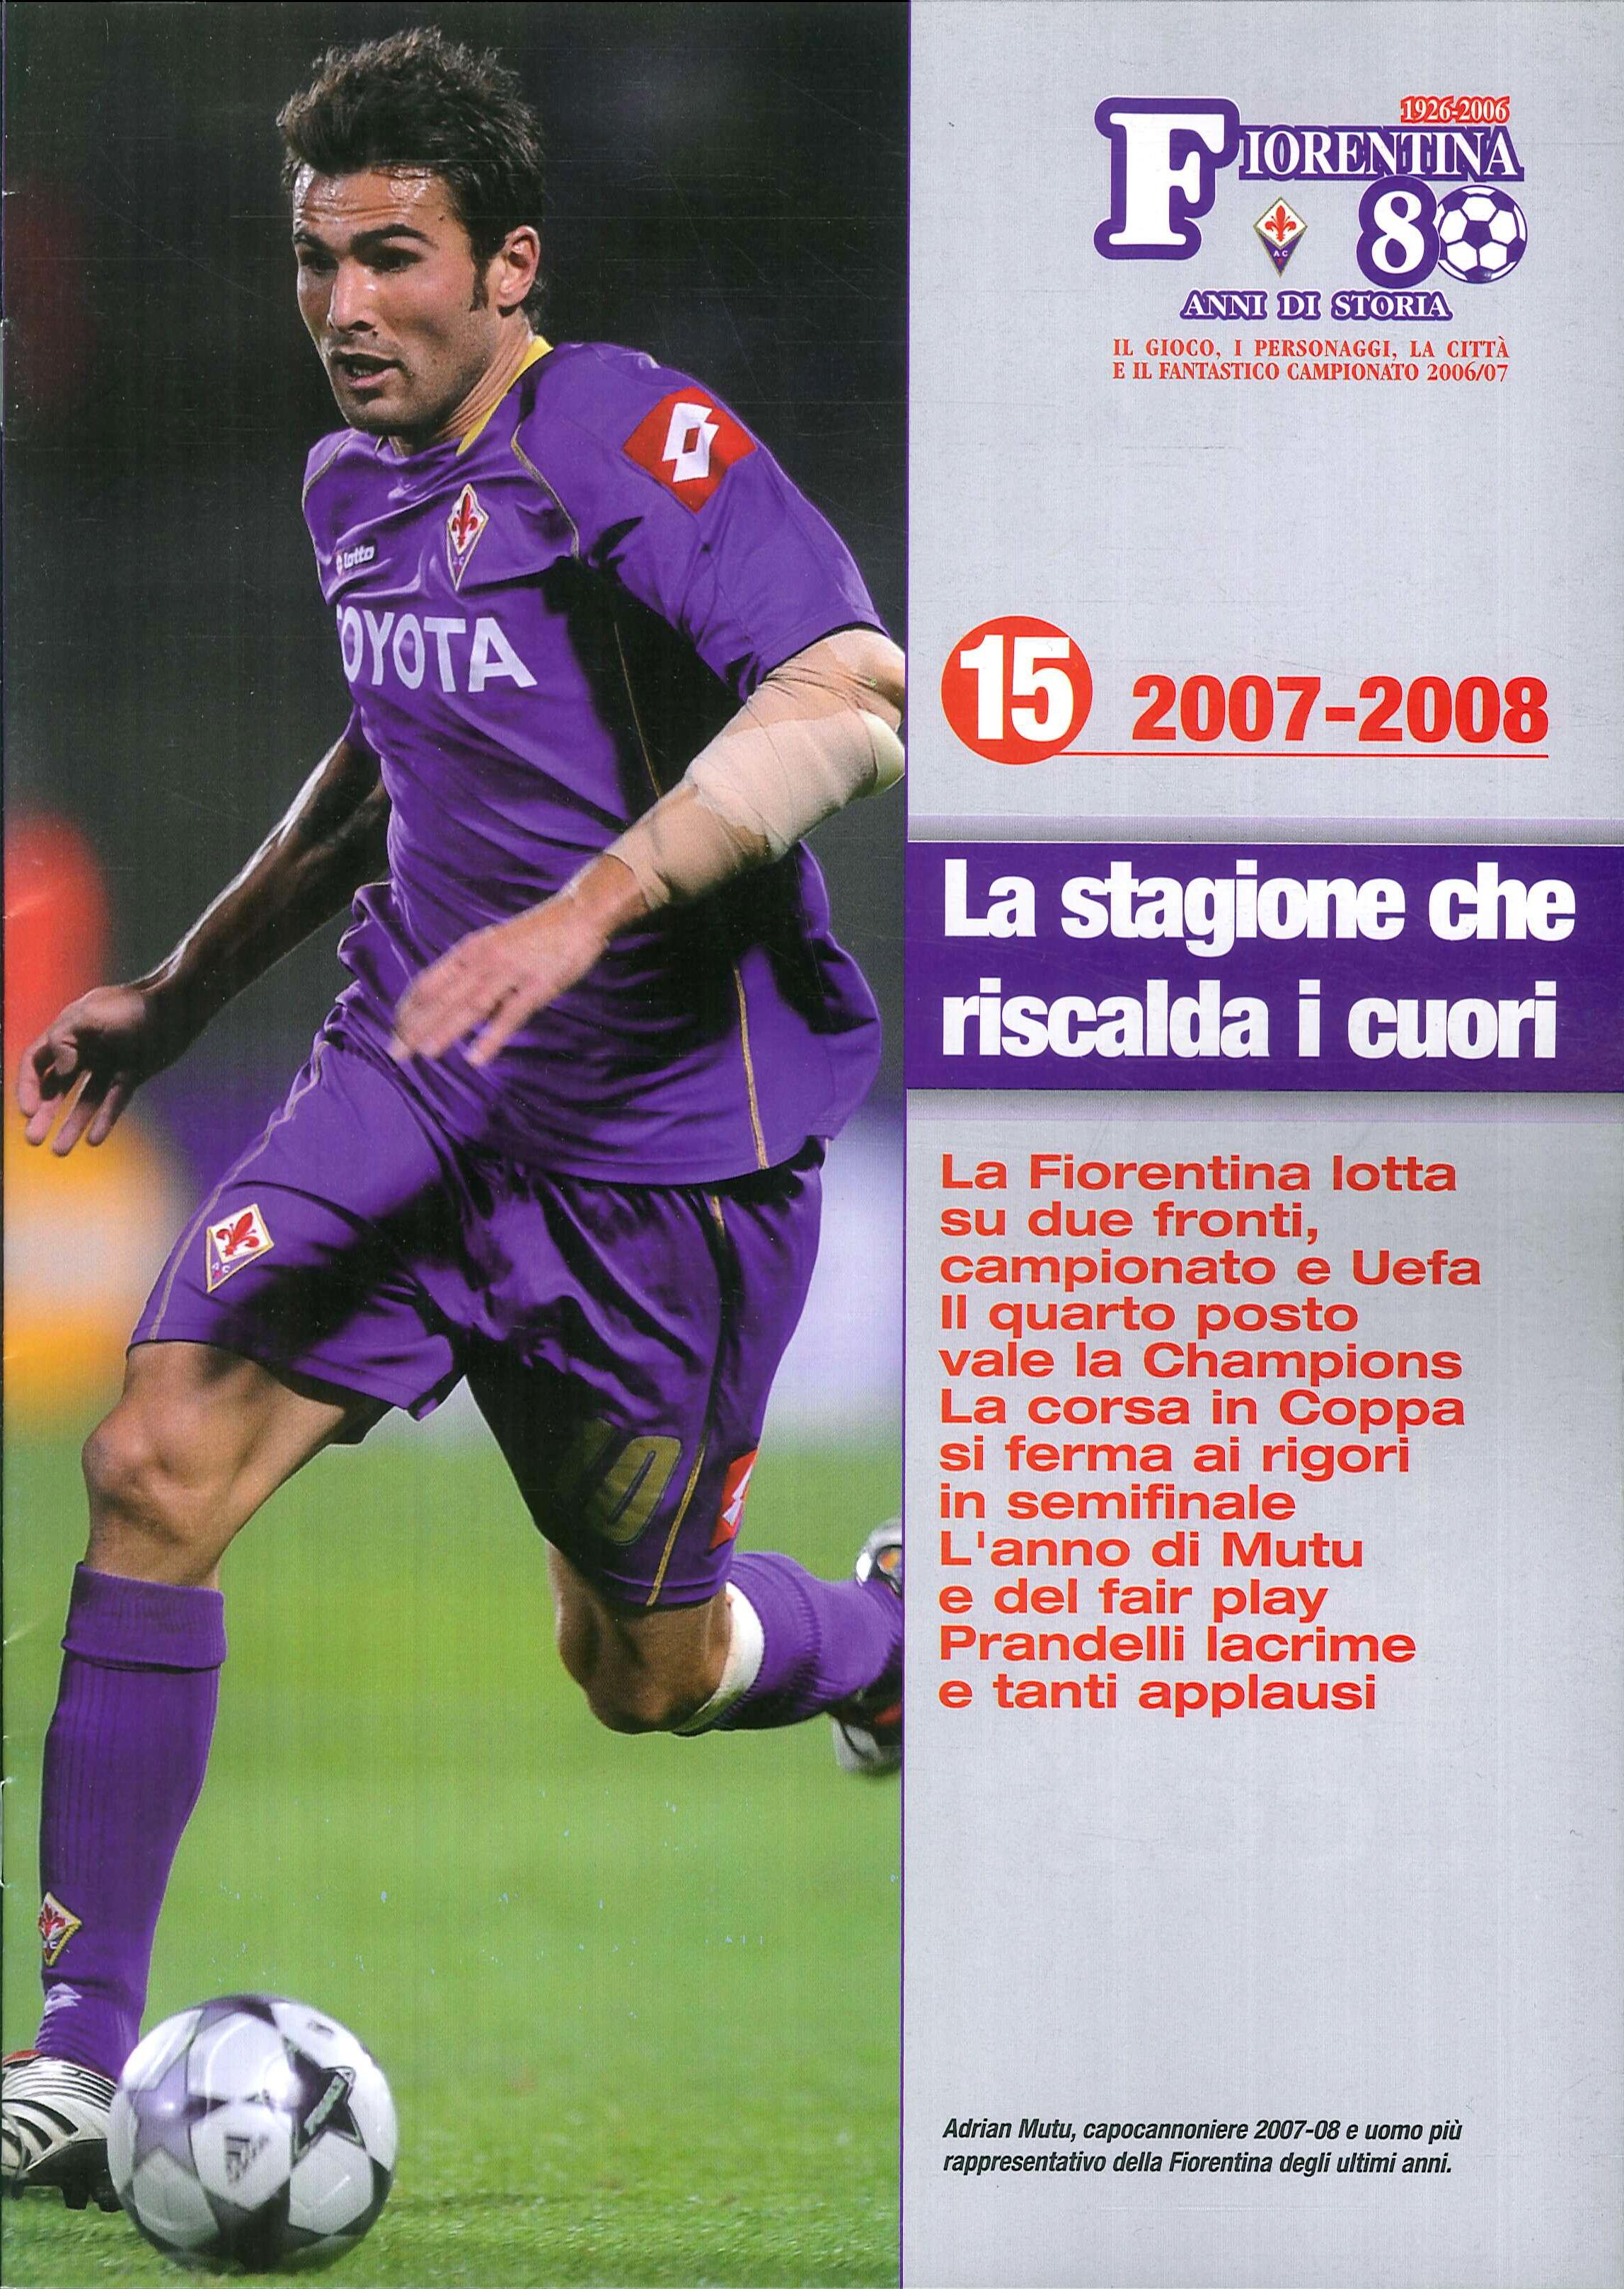 Fiorentina 80 anni di storia. Aggiornamento 2007/08: La stagione che riscalda i cuori